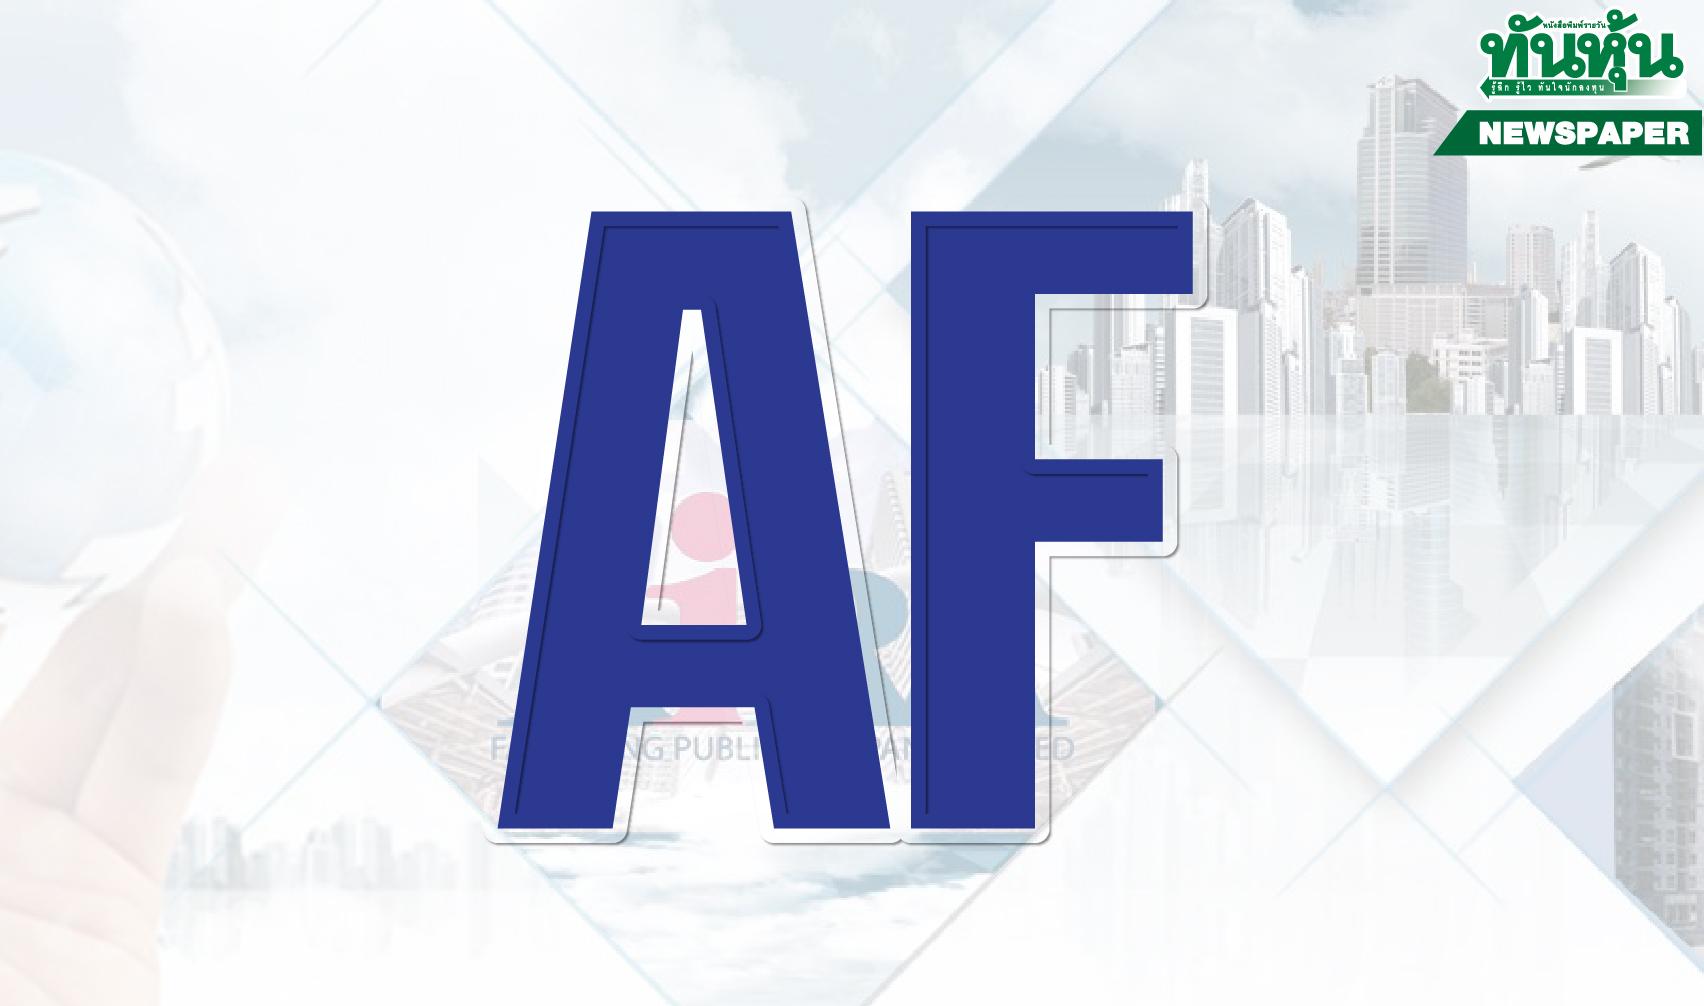 AF เด้งรับการเมืองชัด ดันธุรกิจสินเชื่อคึกคัก